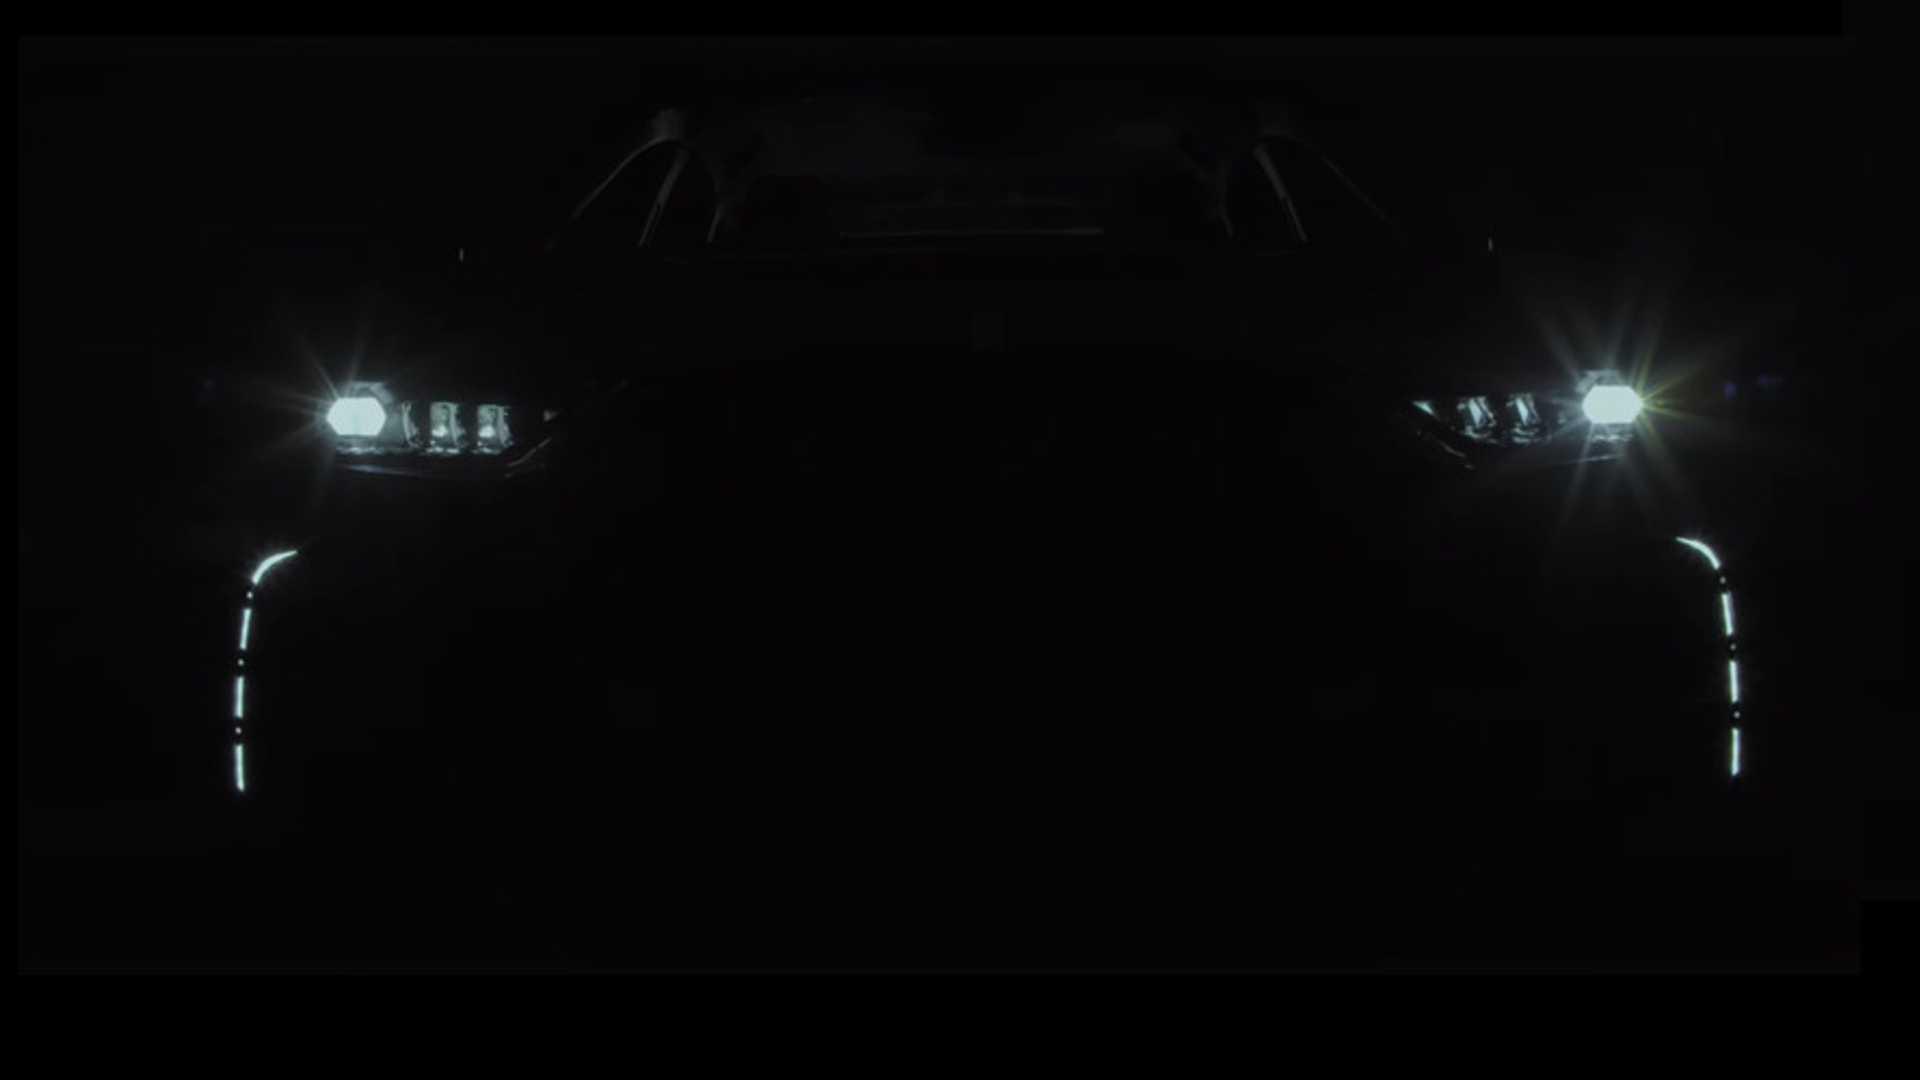 Ds7 Crossback Teaser Confirms Name Reveals Fancy Led Lights Leds